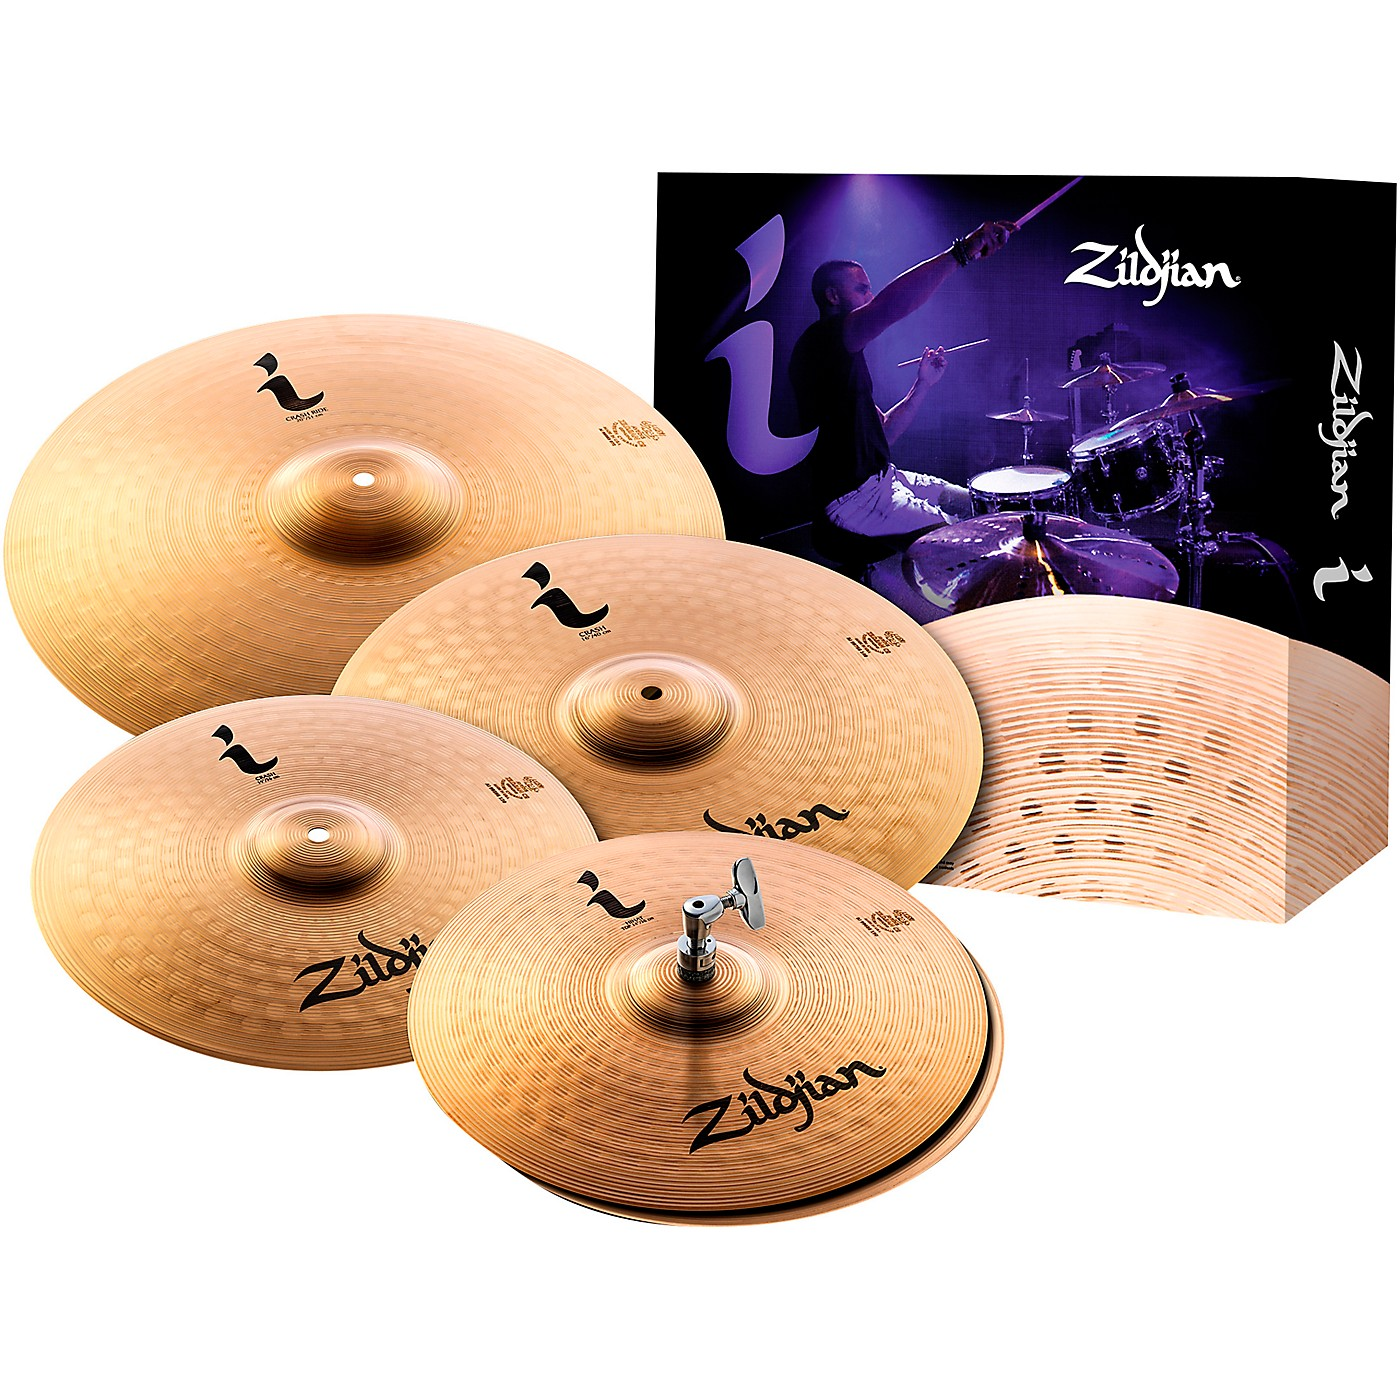 Zildjian I Series Pro 5 Cymbal Set thumbnail